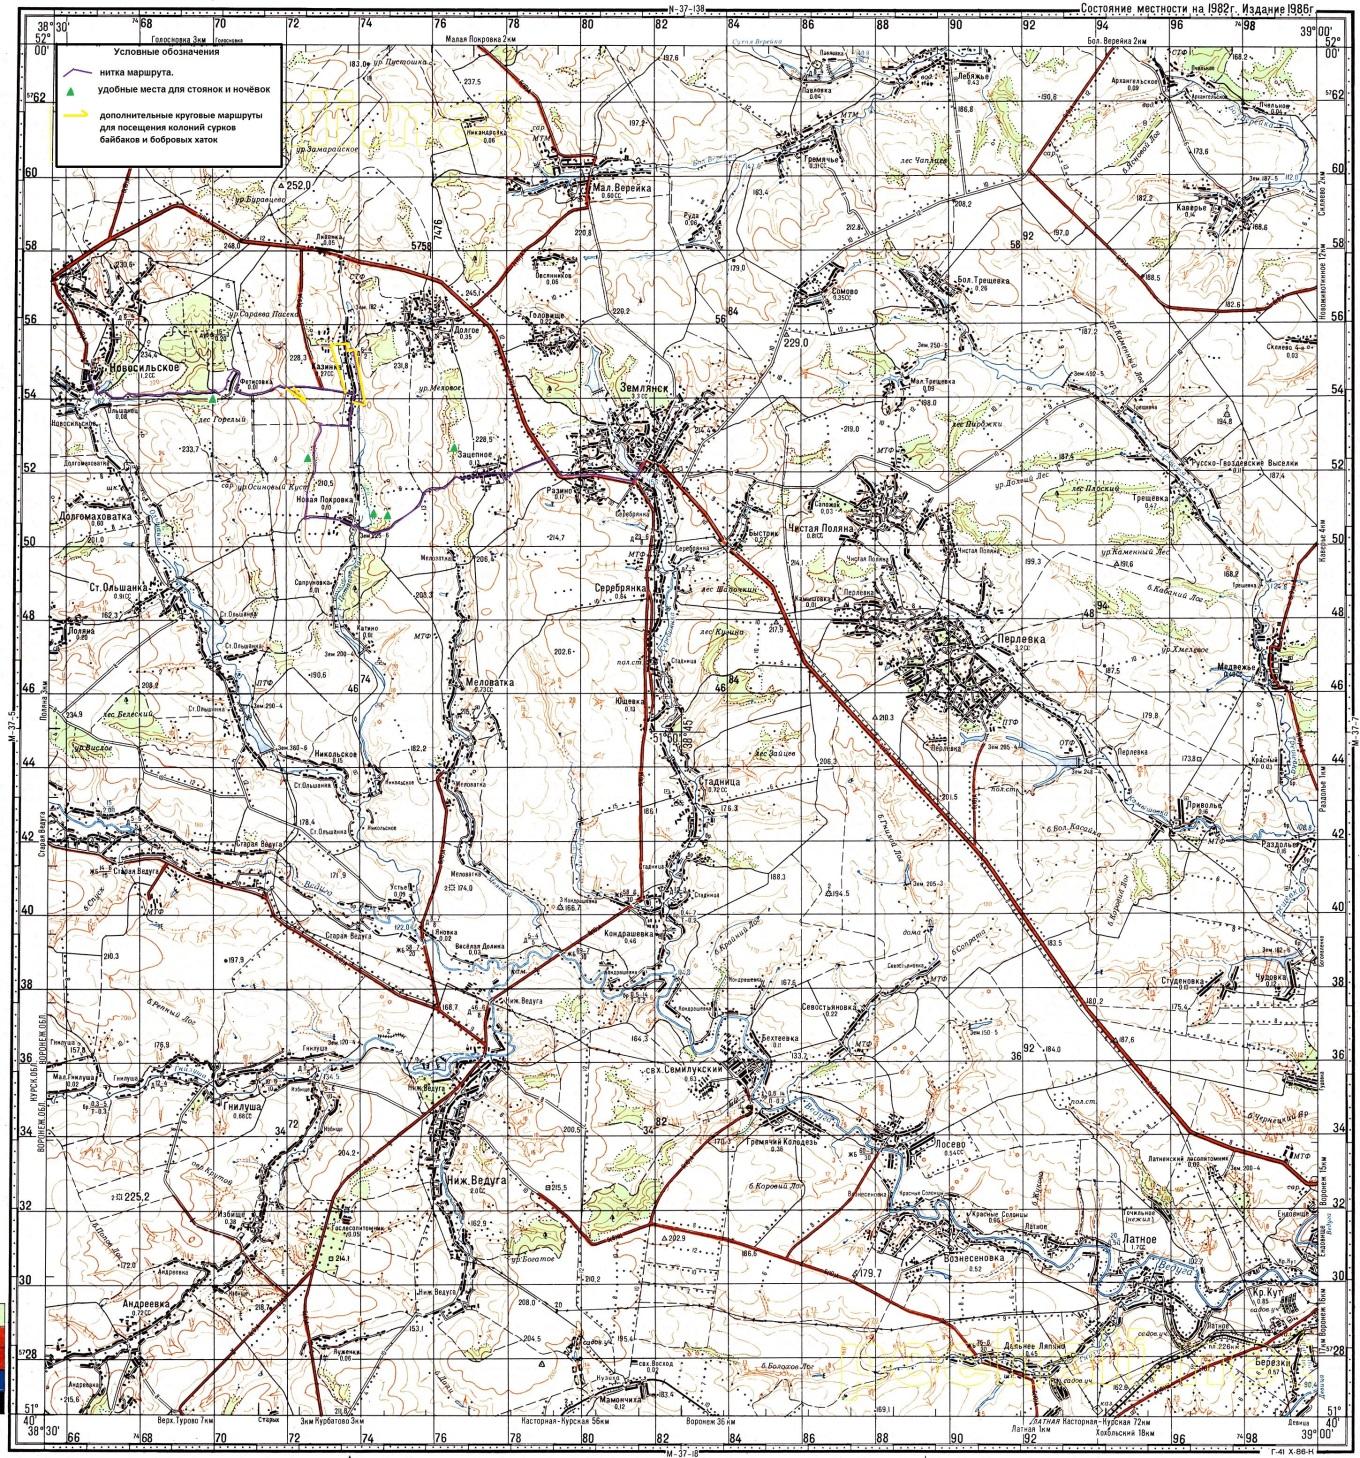 C:\Users\Alex\Desktop\Походы\Поход\Фото\0002 Топографическая карта района путешествия с нанесённой ниткой маршрута.jpg